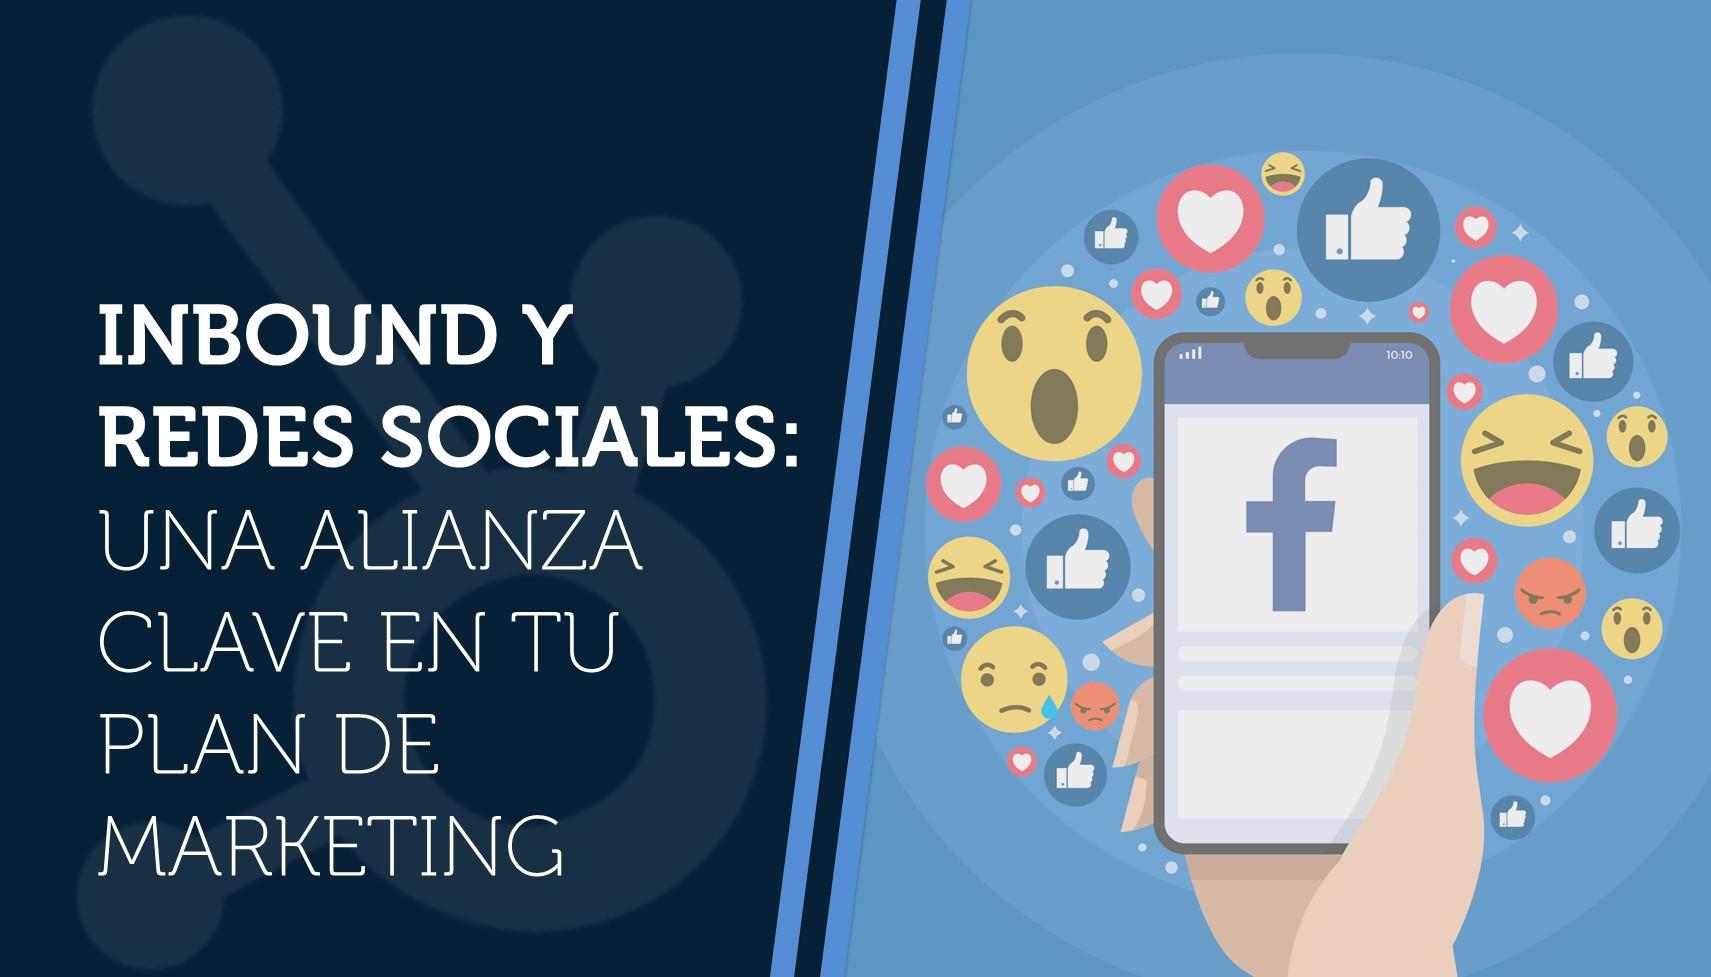 Inbound y redes sociales: una alianza clave en tu plan de marketing